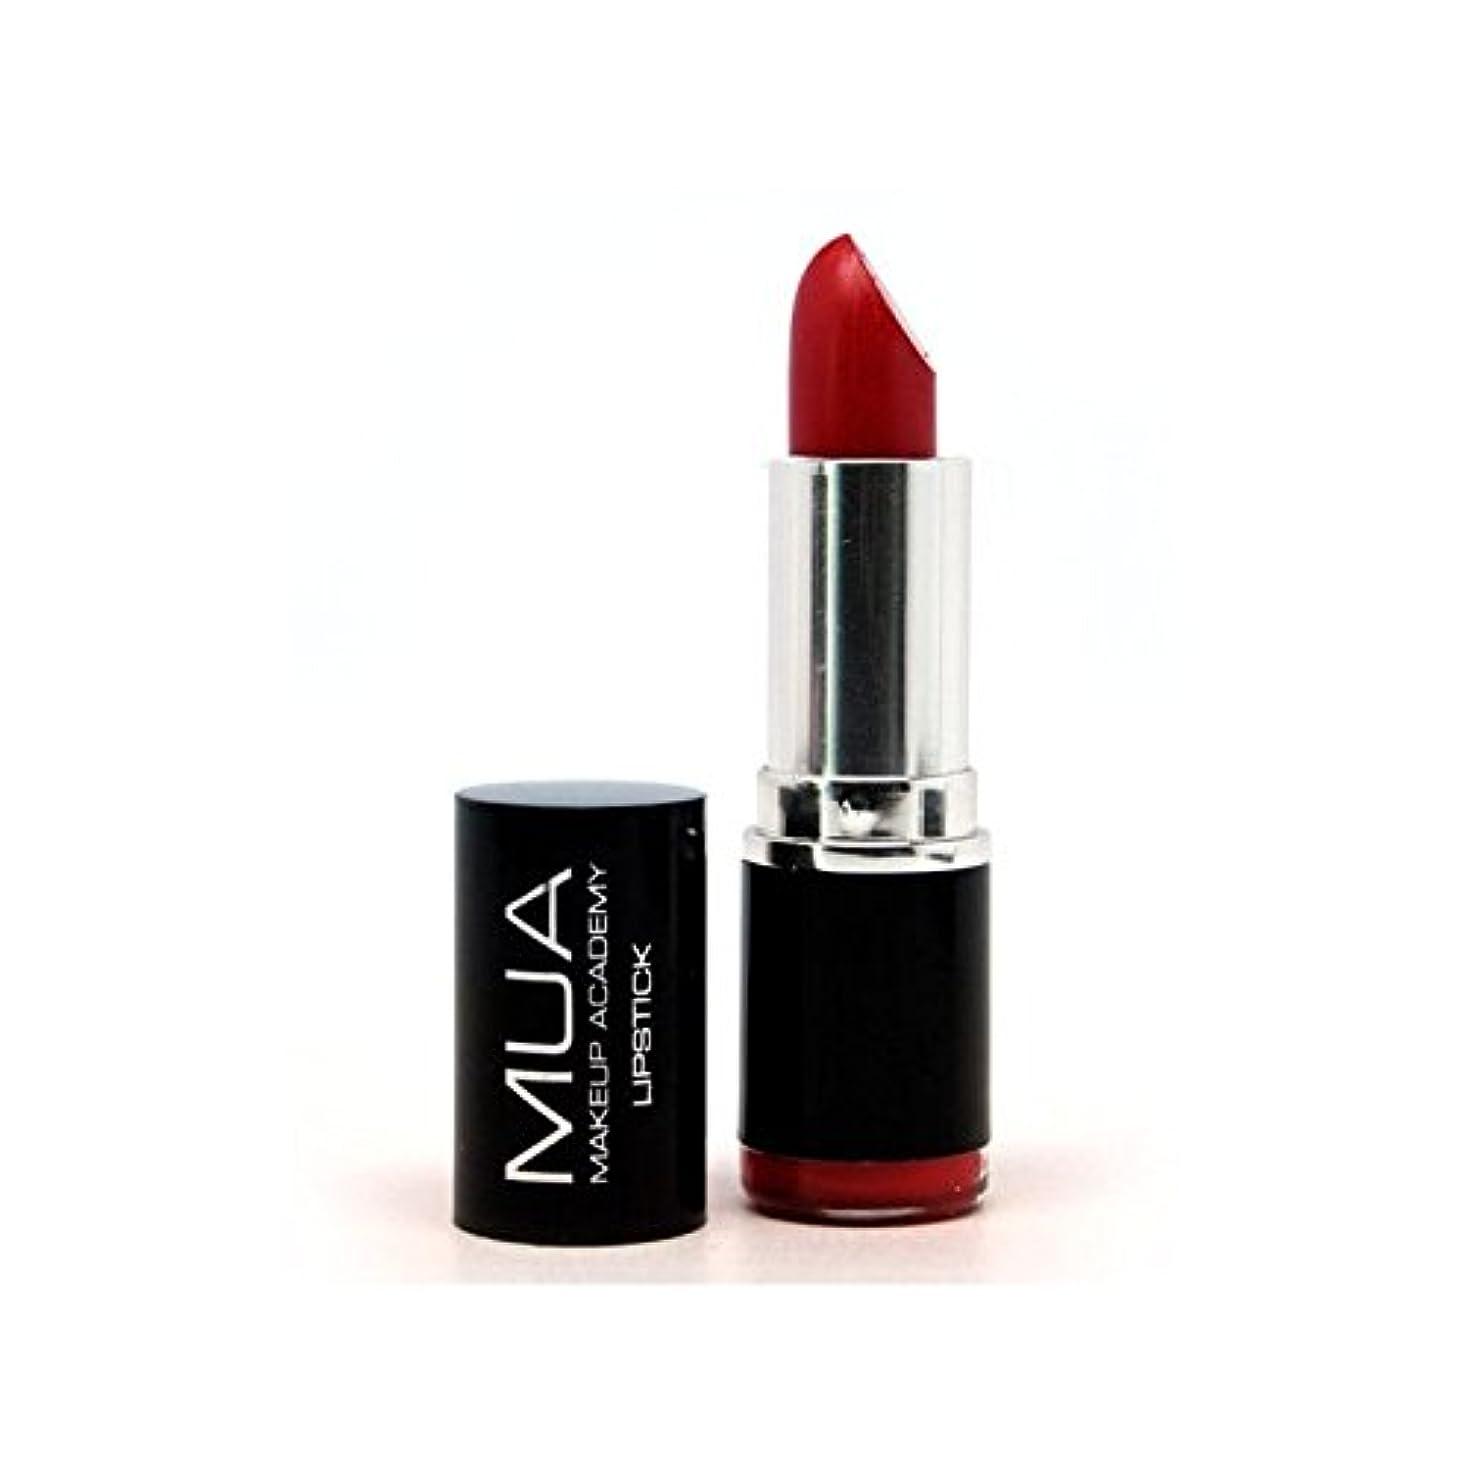 摂動ライオン悪化するMUA Lipstick - Shade 13 - の口紅 - 日陰13 [並行輸入品]